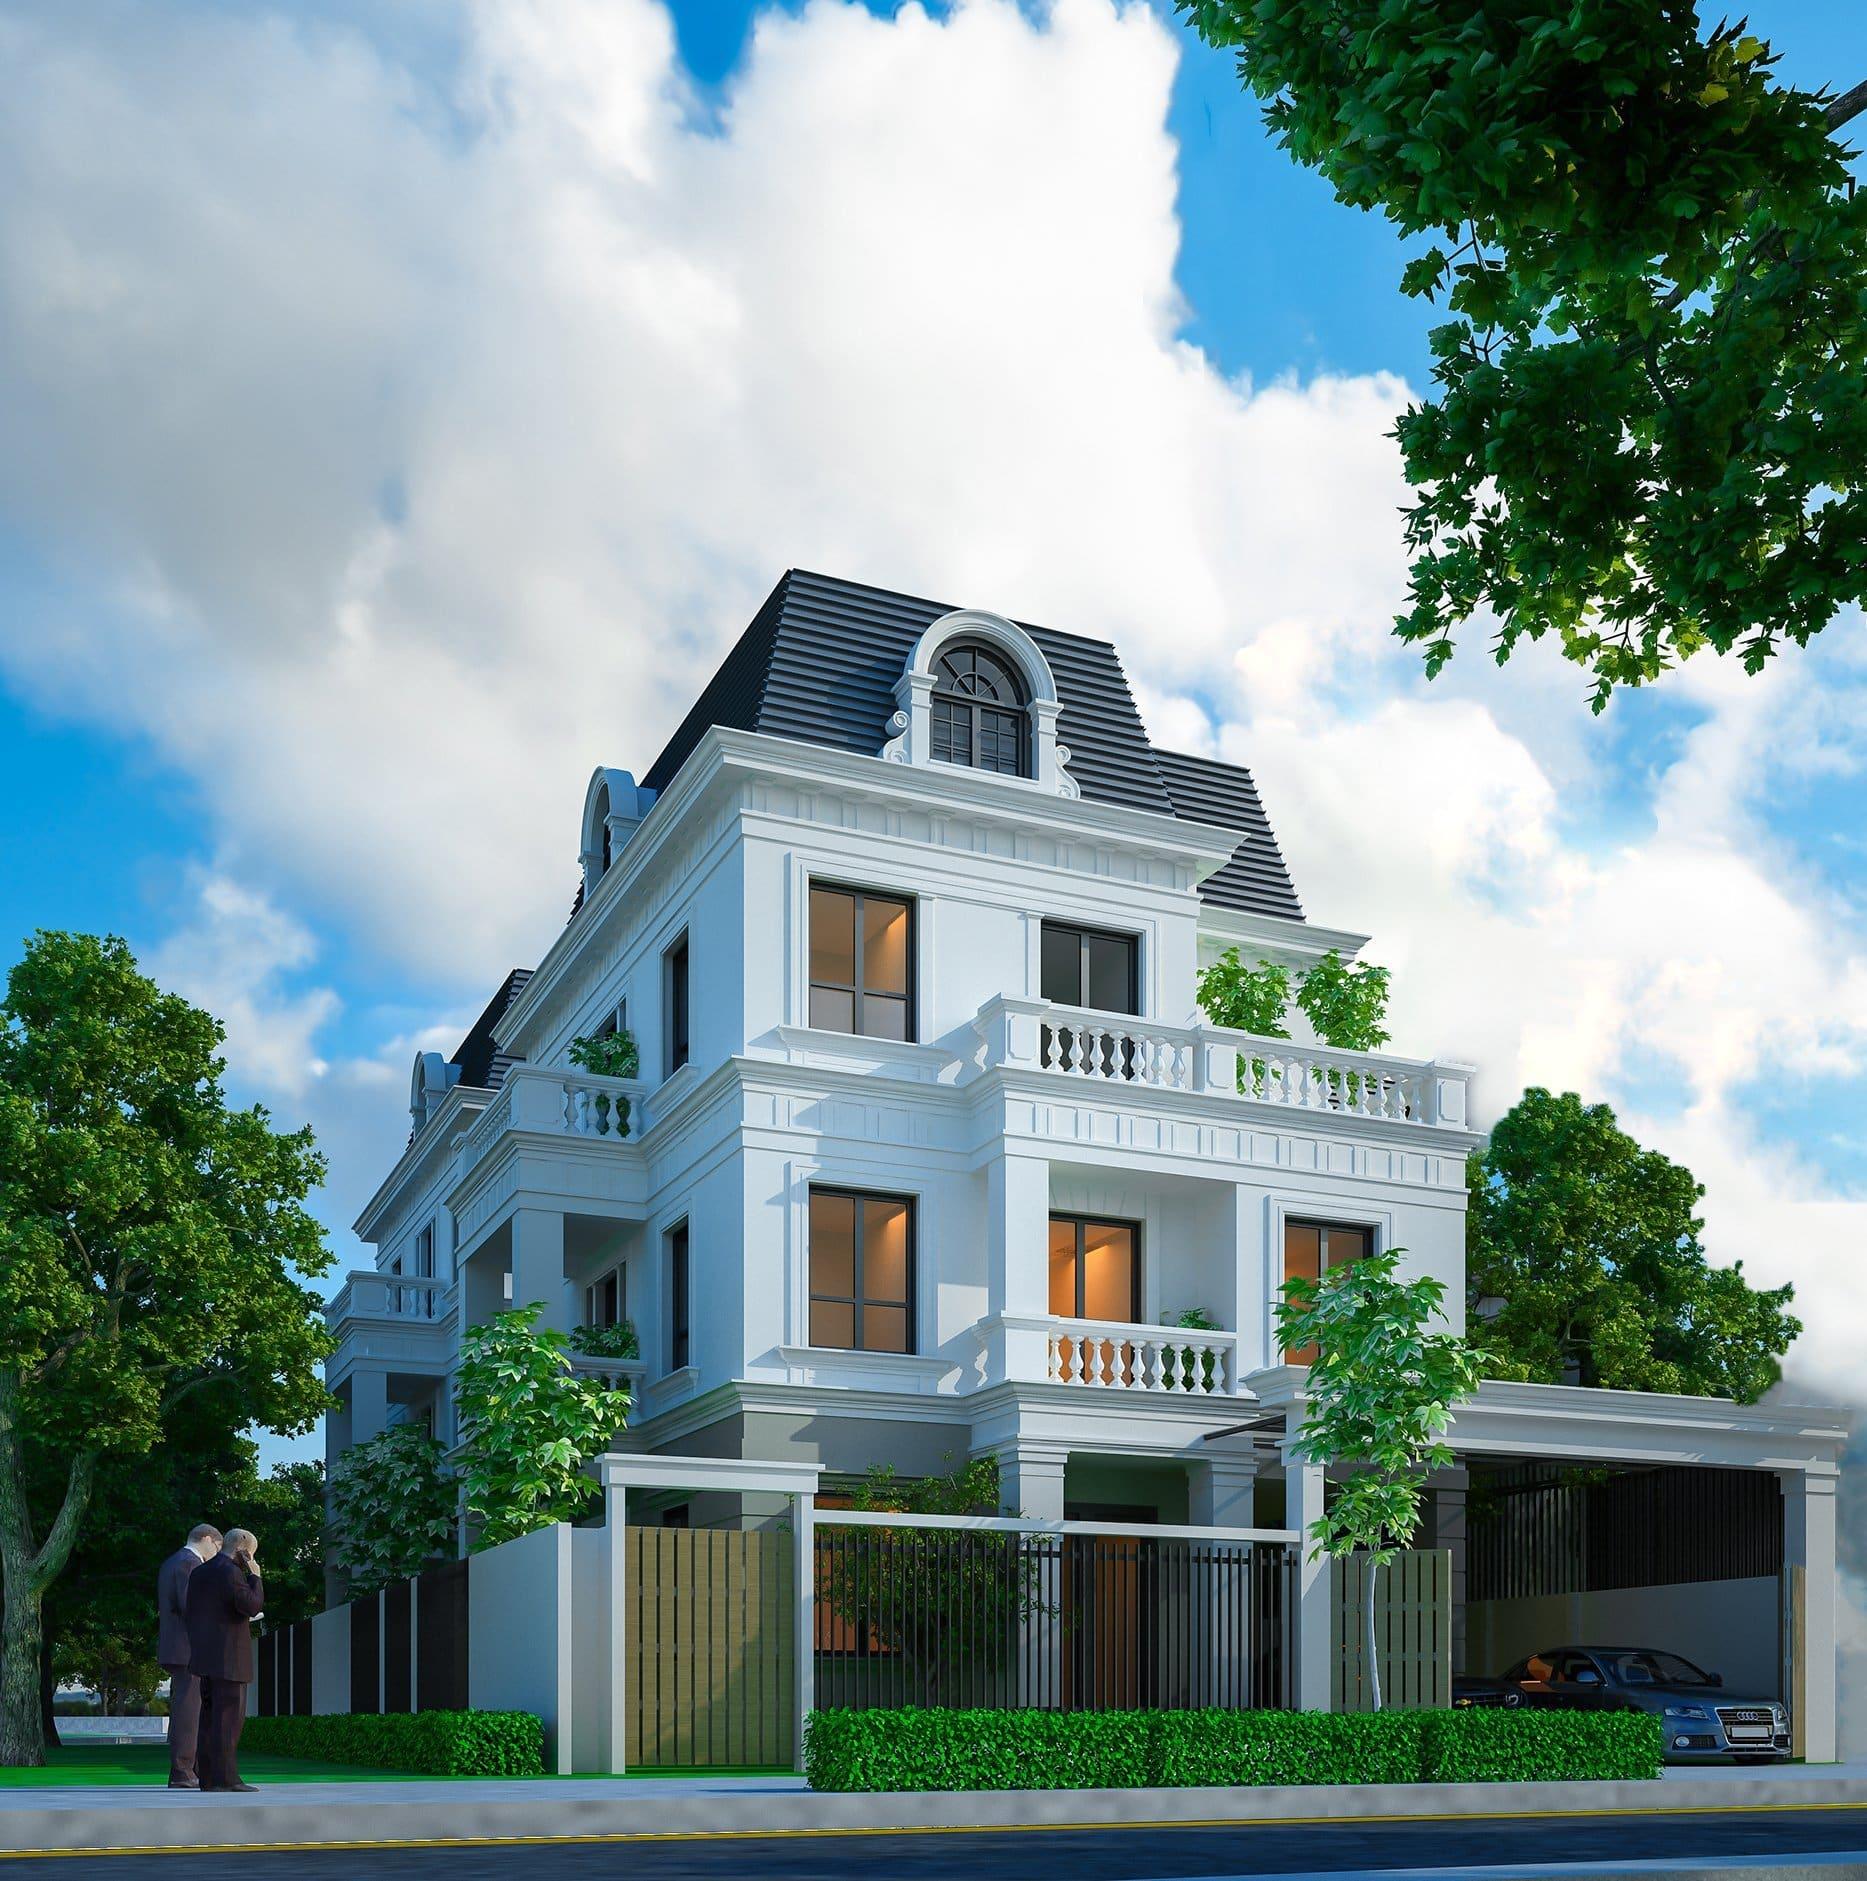 Trong 48 sản phẩm thấp tầng có 5 căn Biệt thự Rose Town đẳng cấp với thiết kế 3 tầng + 1 tum mái